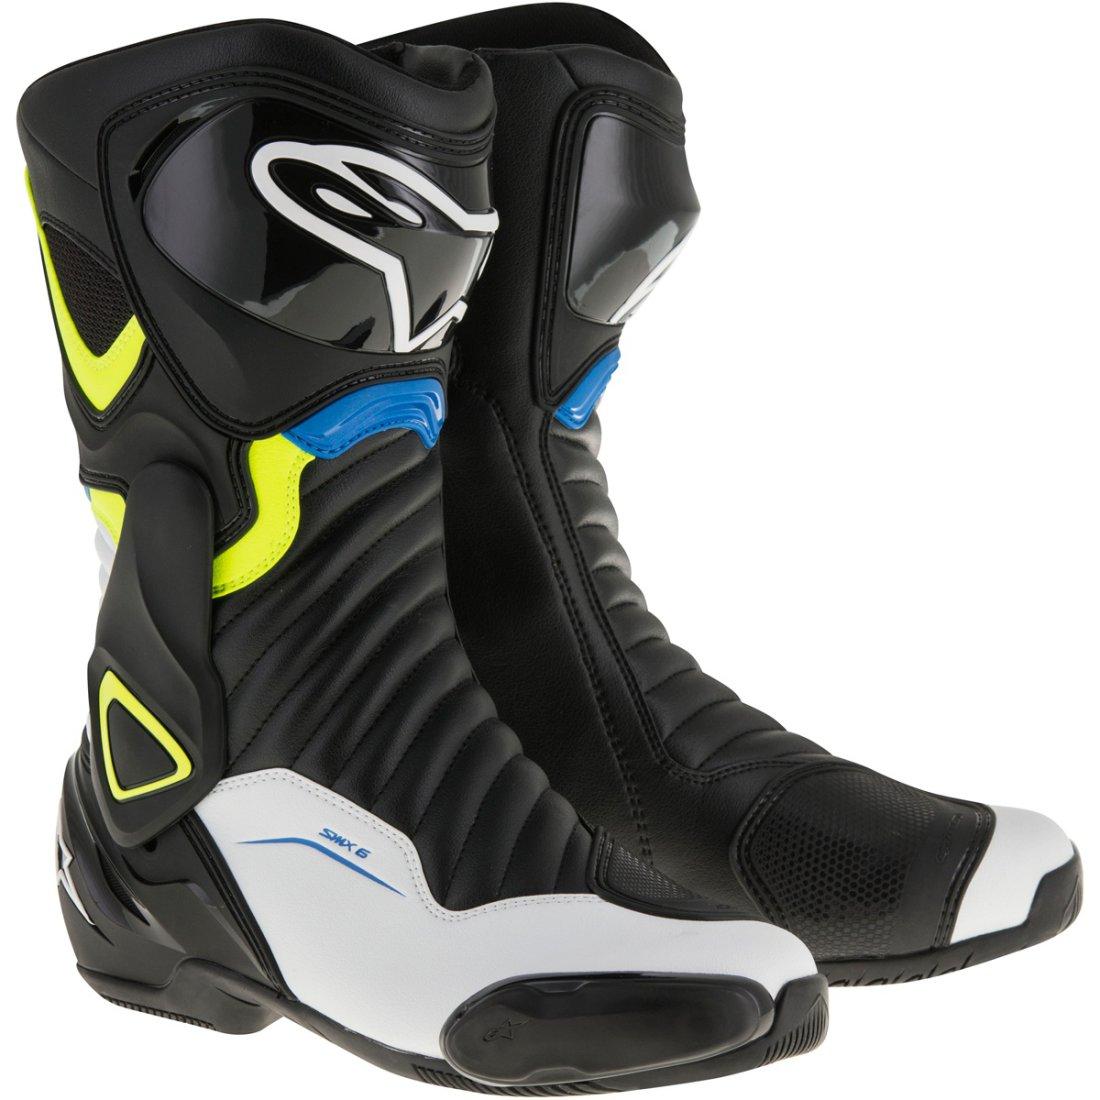 Topánky S-MX 6 , ALPINESTARS (čierne/biele/modré)